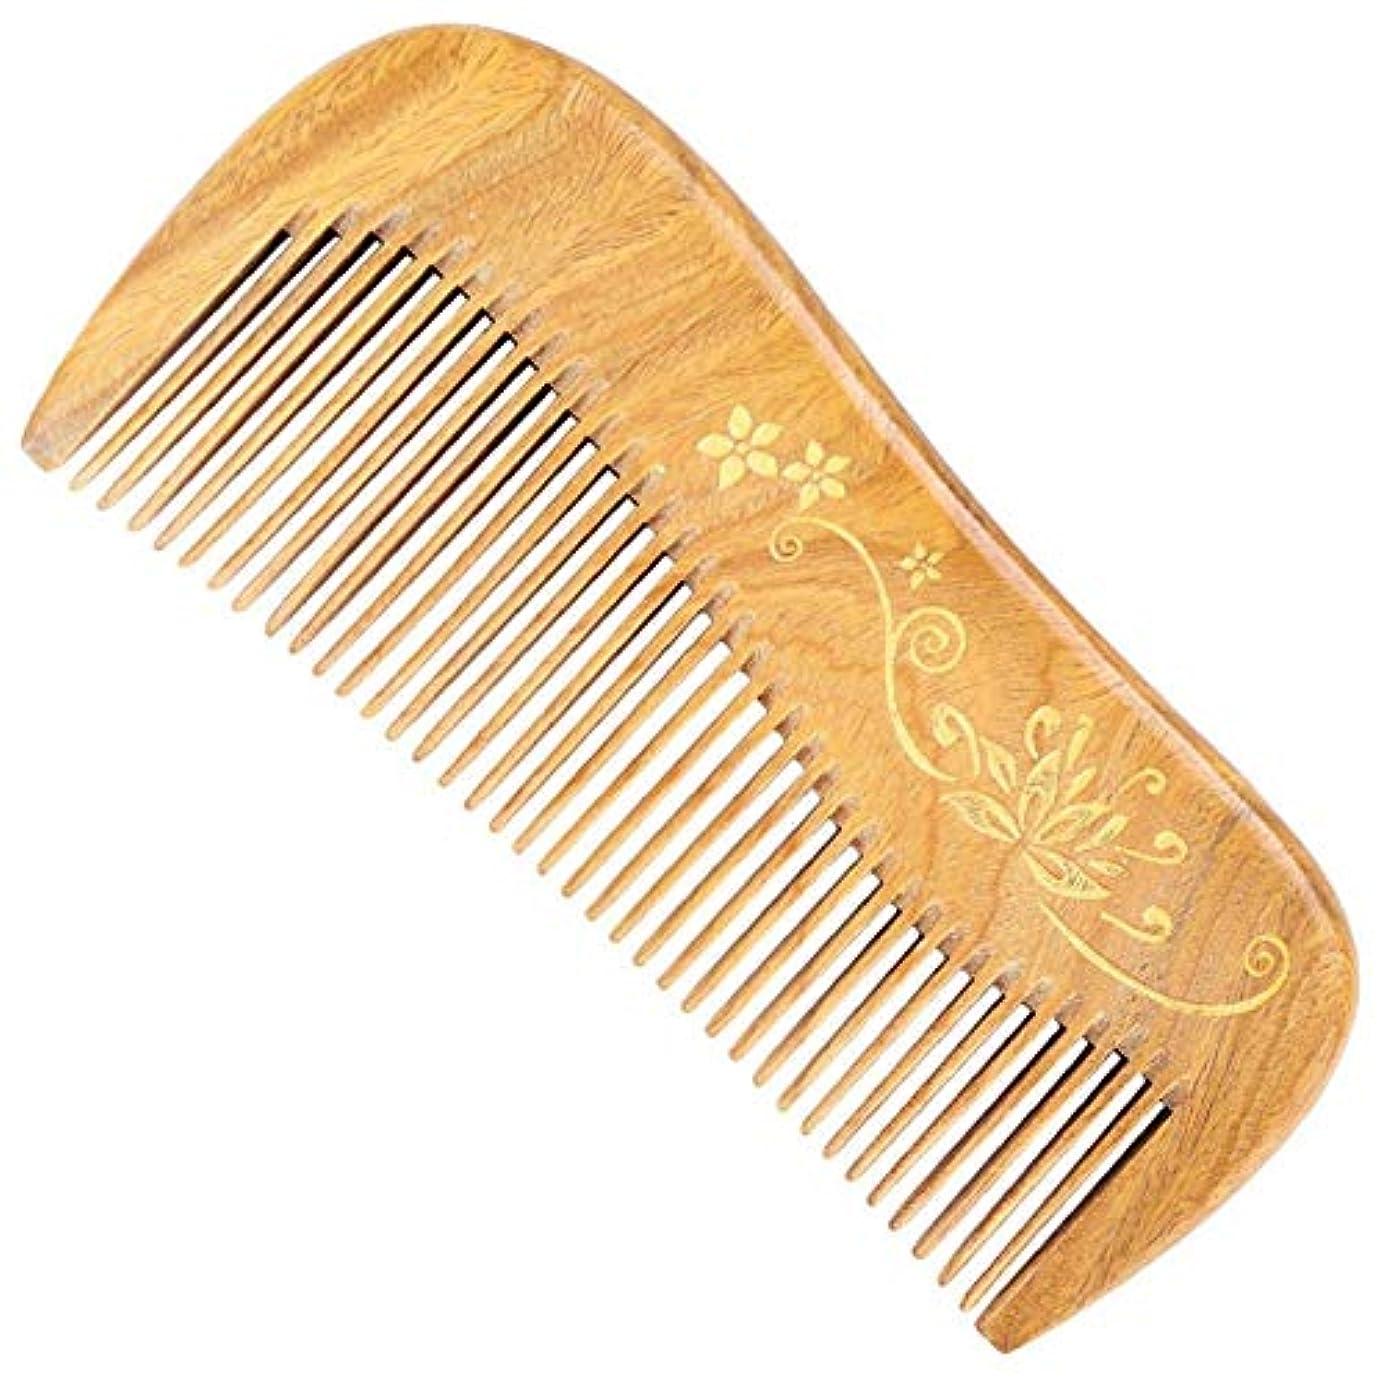 説得力のある超越する伴うGuomao 玉サンダルウッドの櫛彫りのタッチゴールド理髪櫛 (Size : 12.5*5.5*1.1 cm)